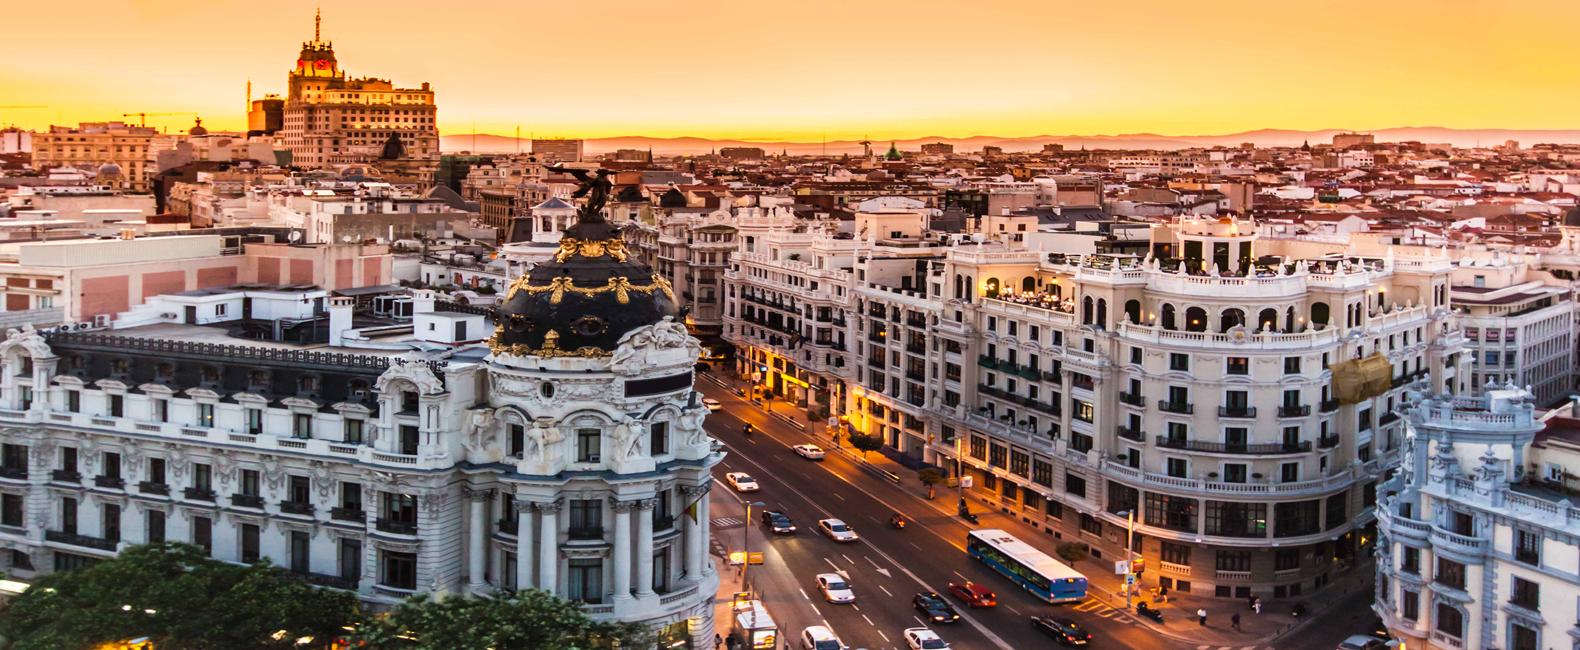 Как уехать в Испанию: интервью эмигранта из России